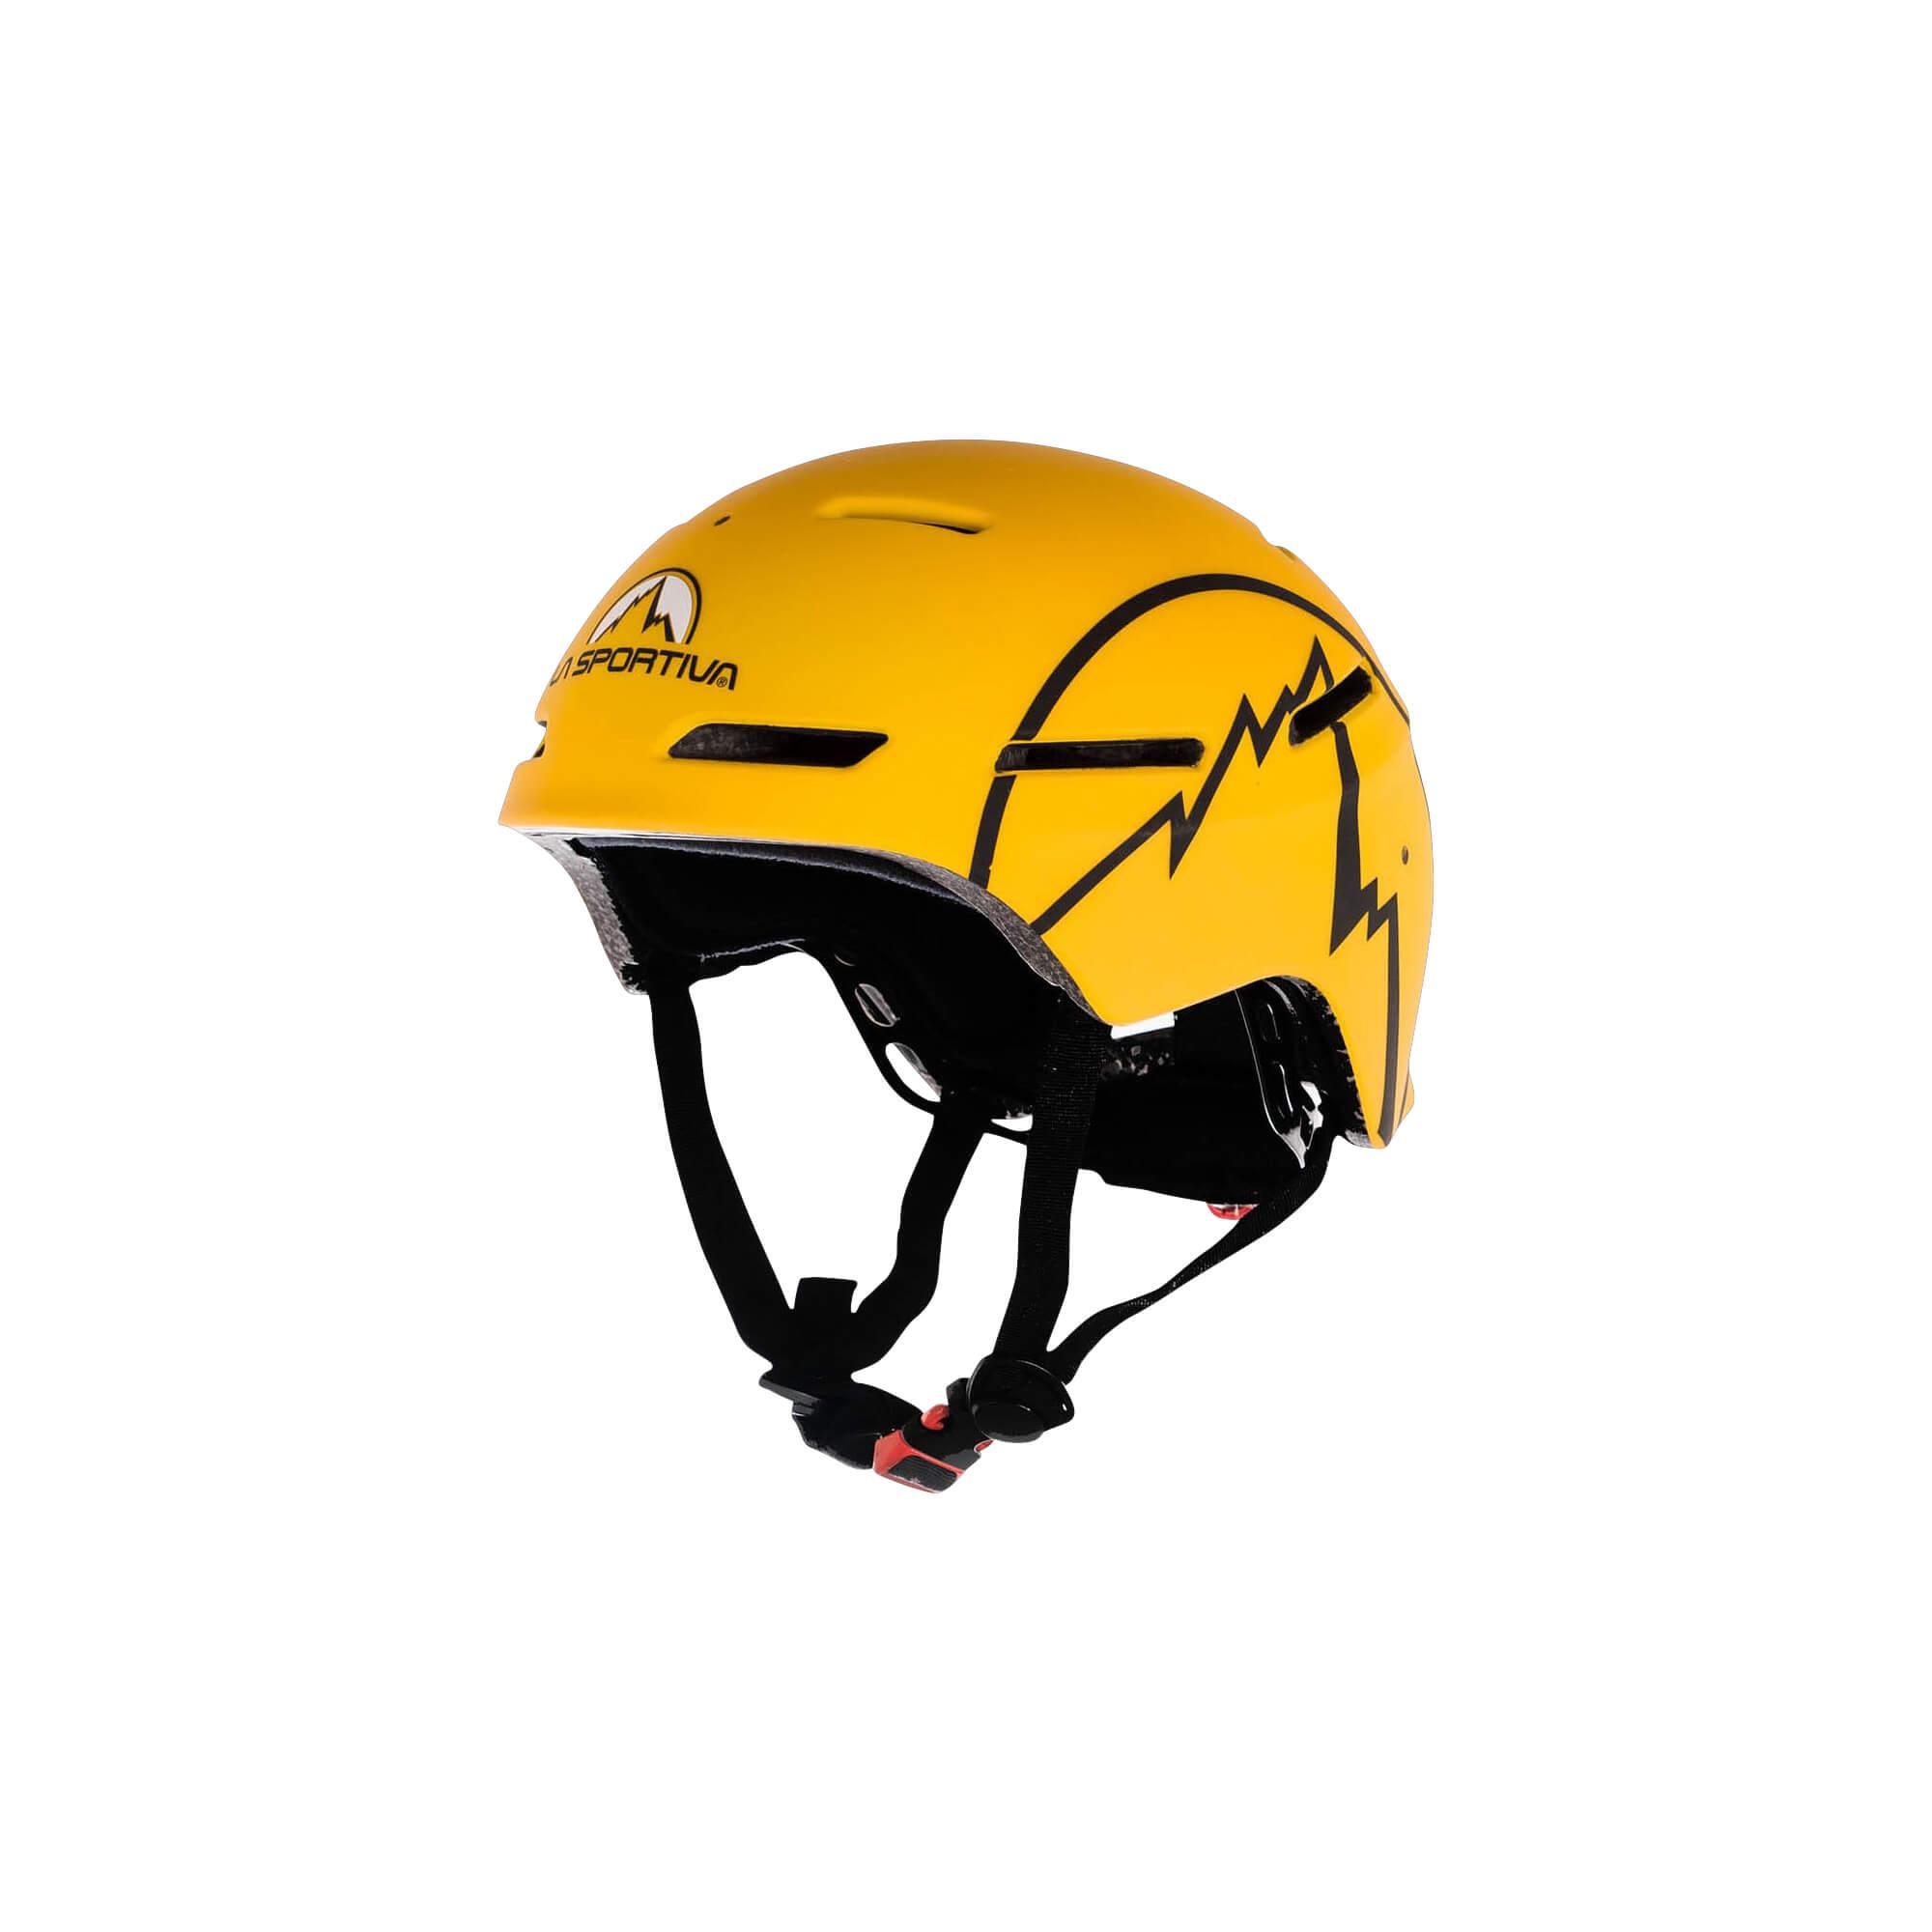 Image of Combo Helmet